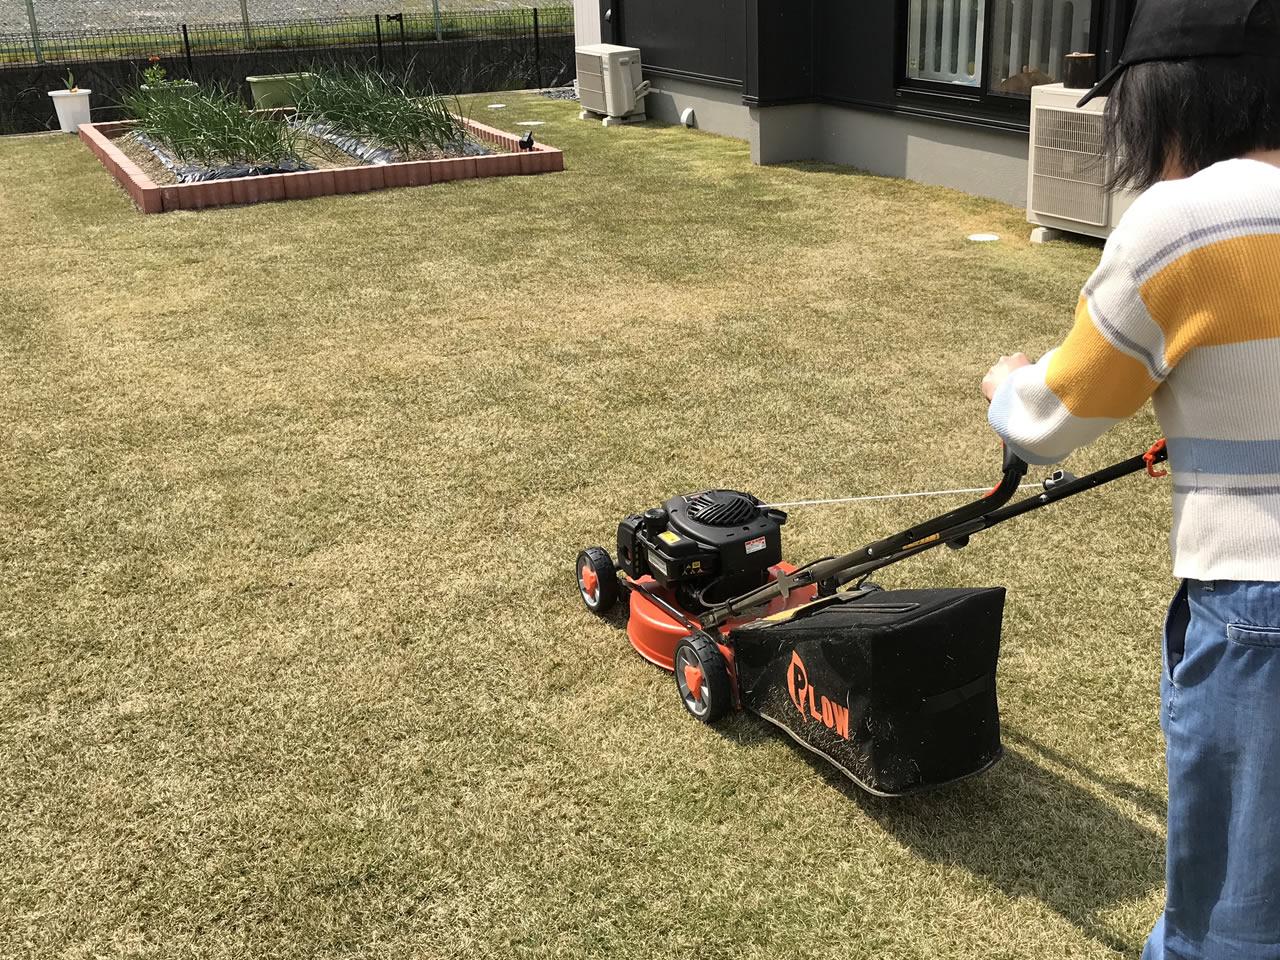 女性でも簡単にエンジン式芝刈り機は使える